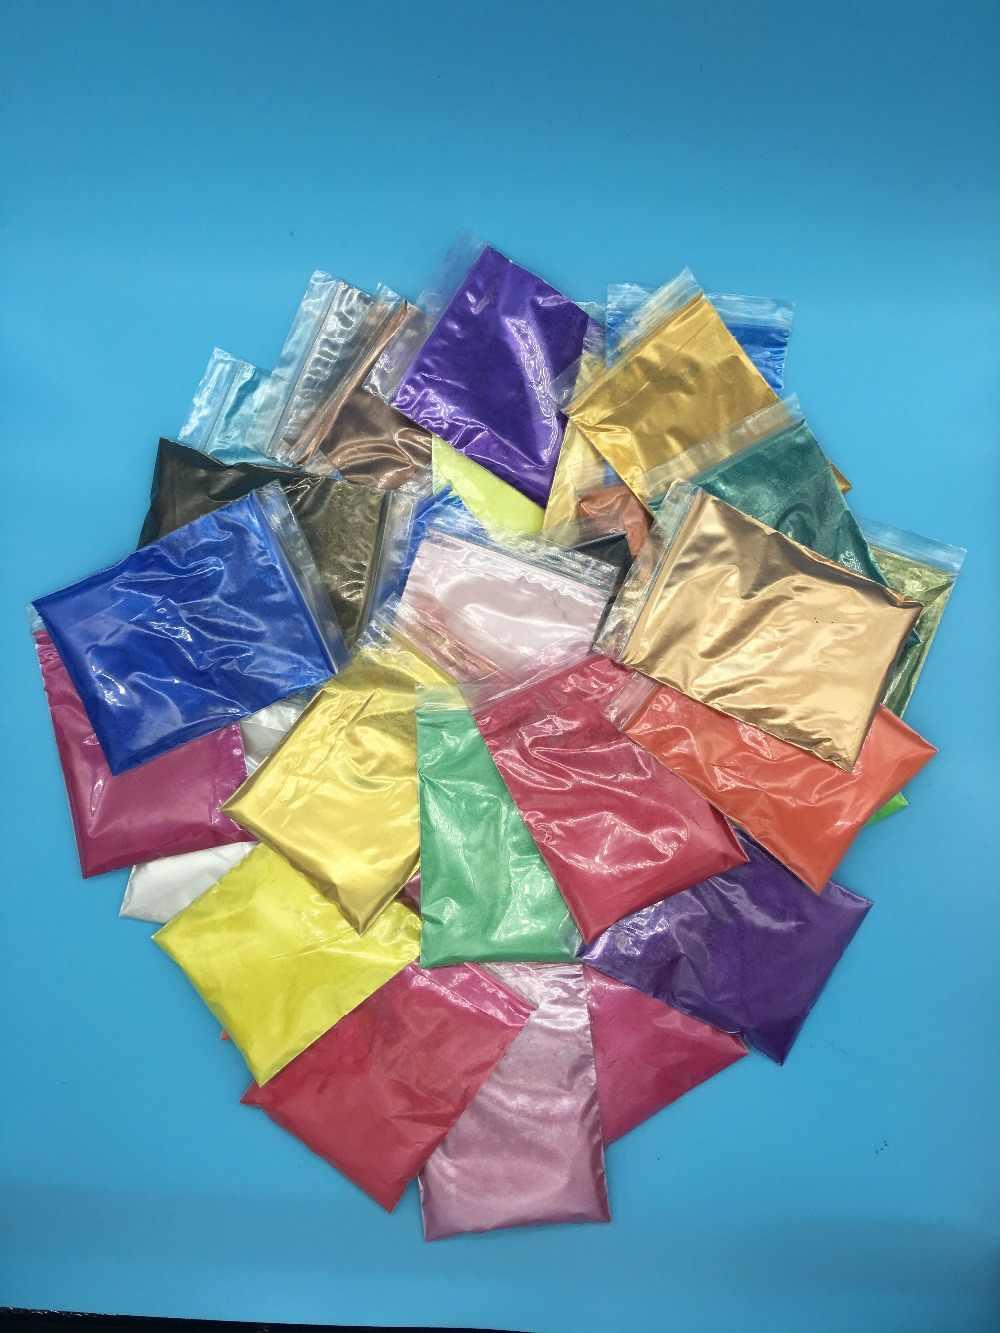 SÜPER Parlak koyu mavi Renk Sedefli pigment, inci cilası pigment, Mika Tozu DIY Tırnak Tasarımı, DIY göz farı Oje